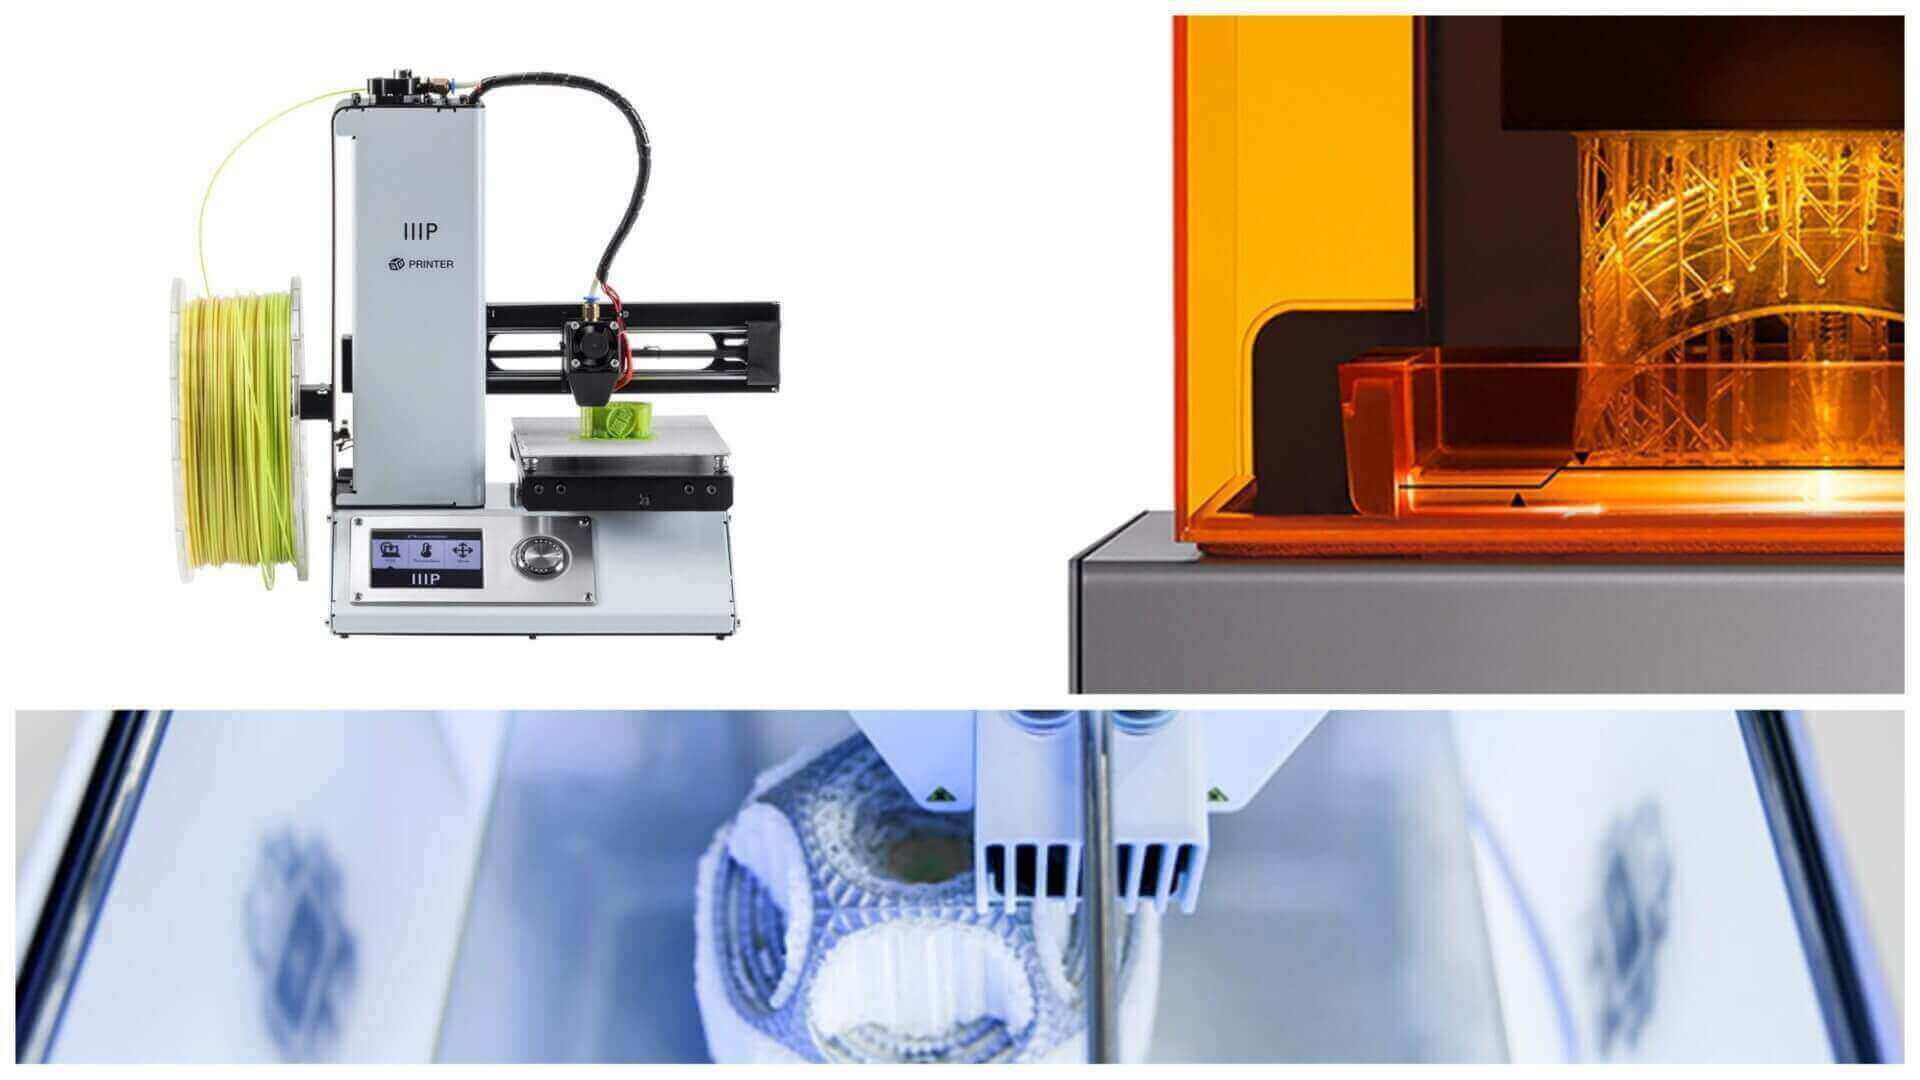 Acheter une imprimante 3D : devez-vous sauter le pas ? | All3DP